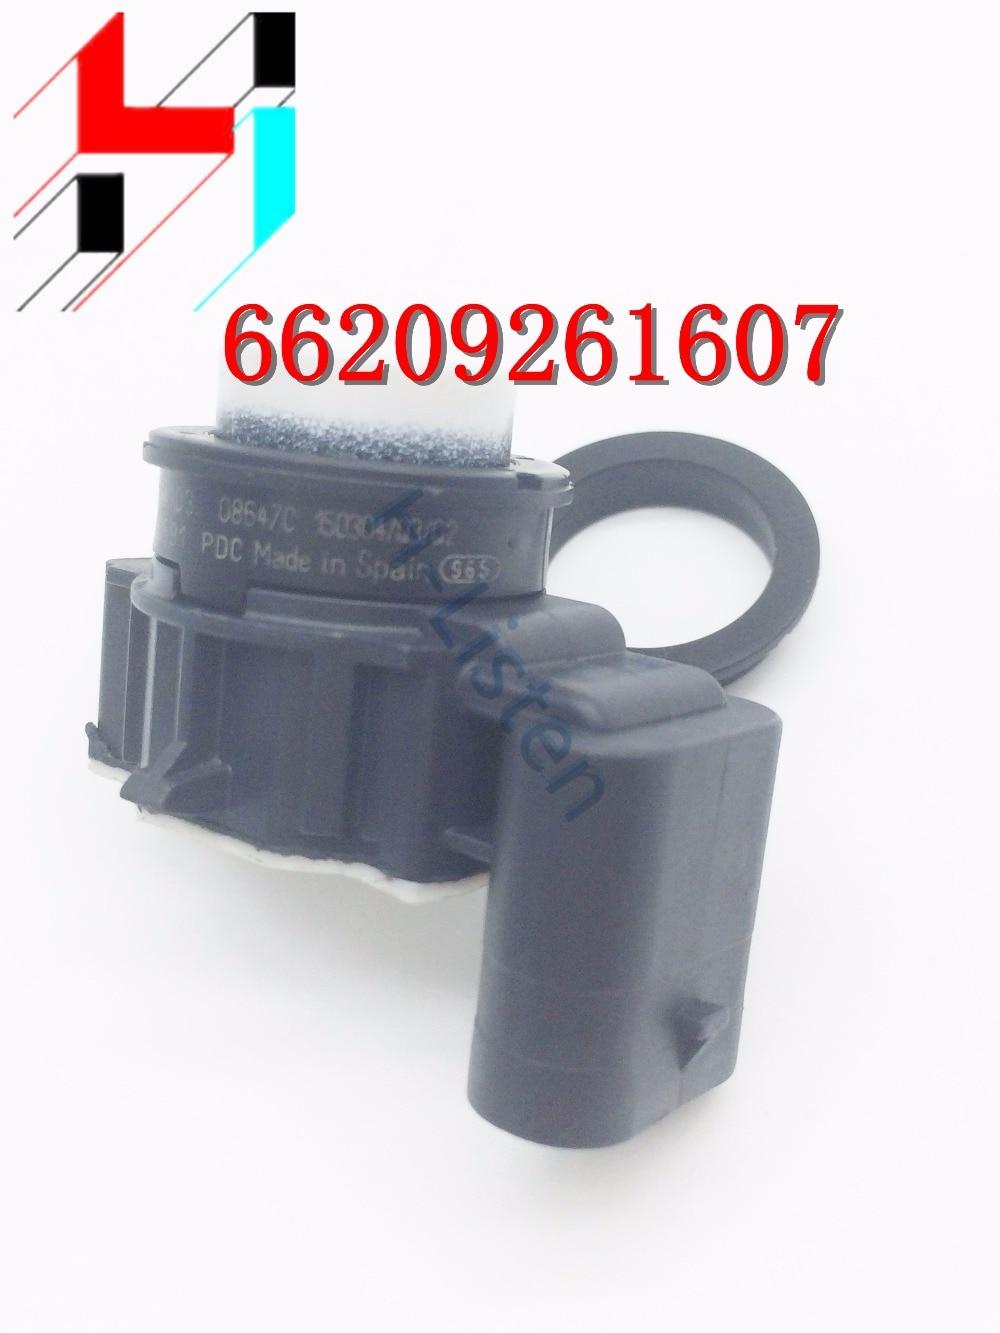 66209261607 оригинальный 9261607 PDC датчик расстояния парковки обратная помощь для B M W Подлинная! 0263013591